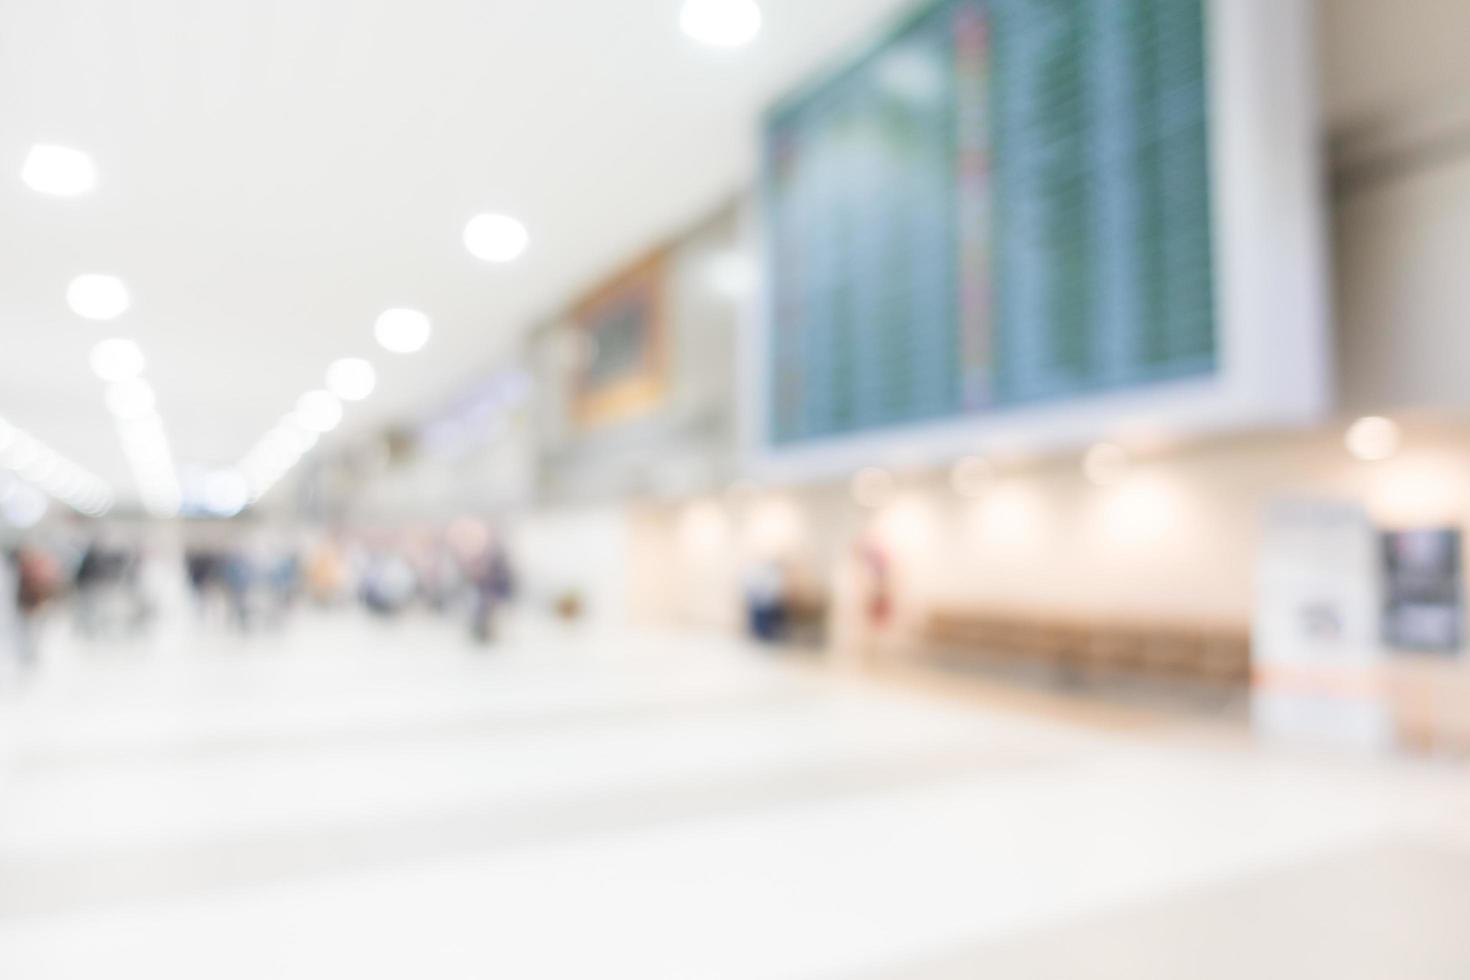 abstrakte Unschärfe Flughafen foto